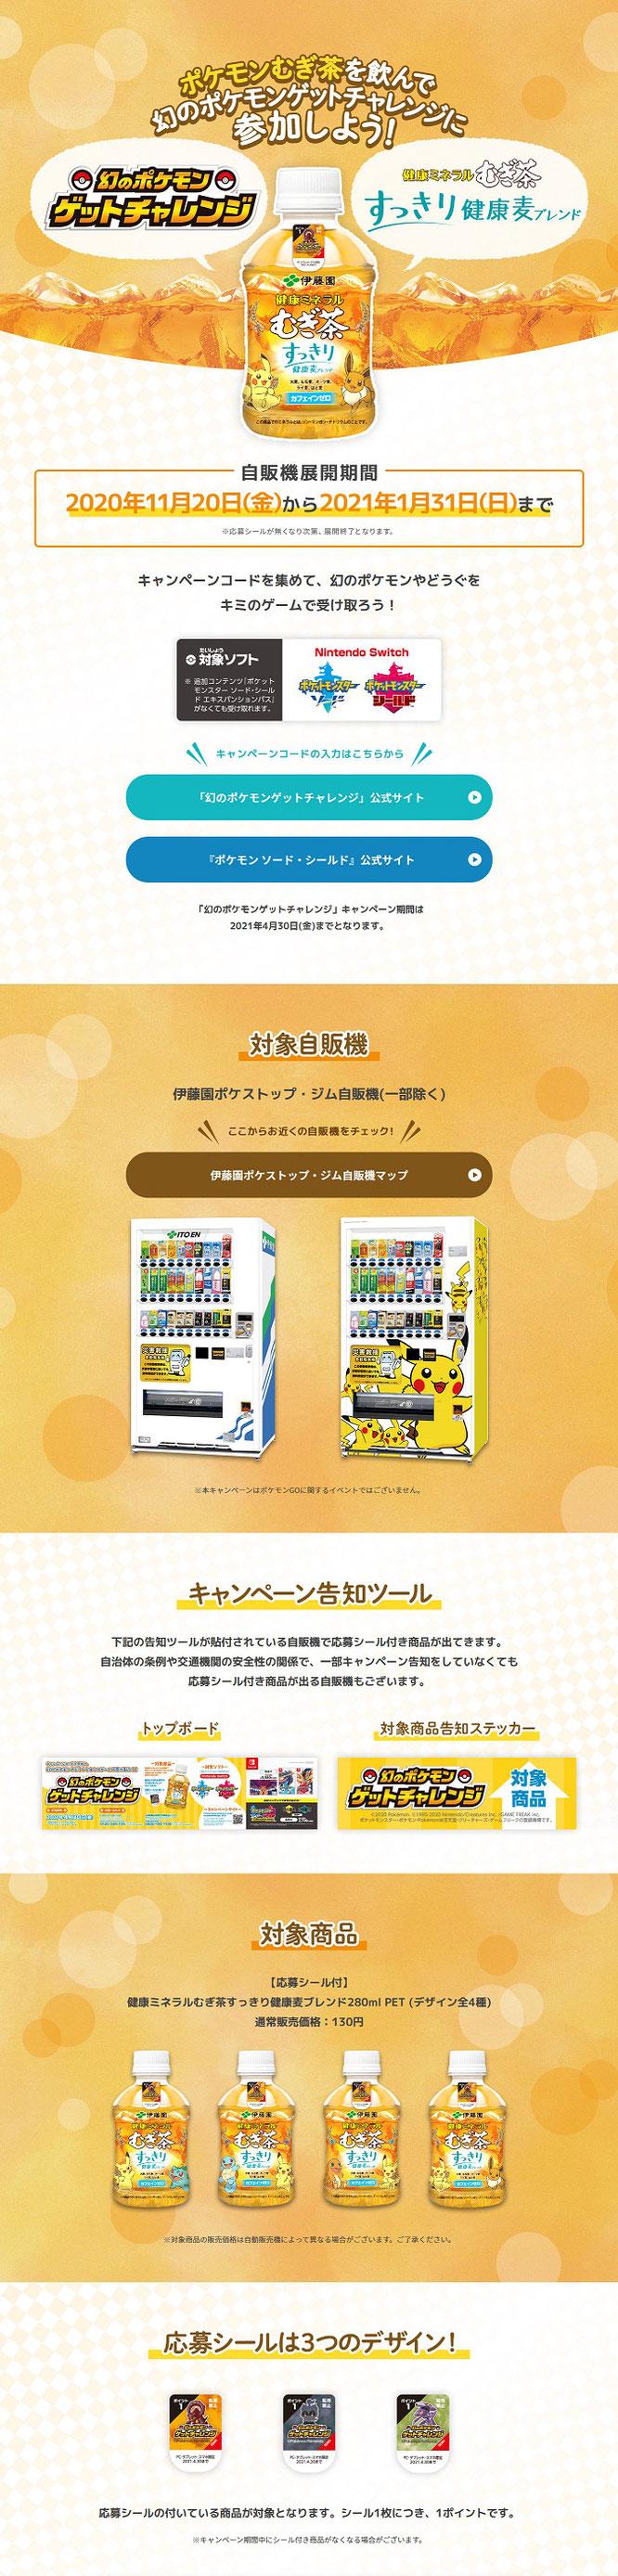 【伊藤園】幻のポケモンゲットチャレンジキャンペーン